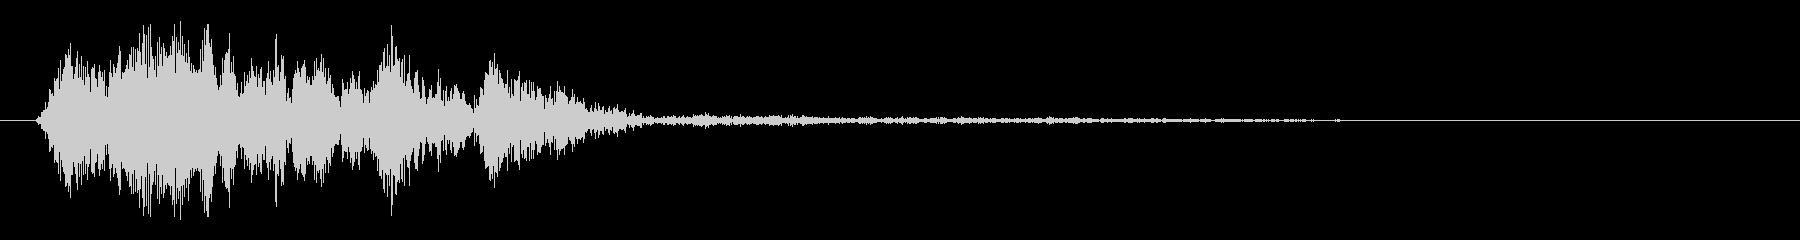 クワッ(一瞬の甲高い鳴き声音)の未再生の波形